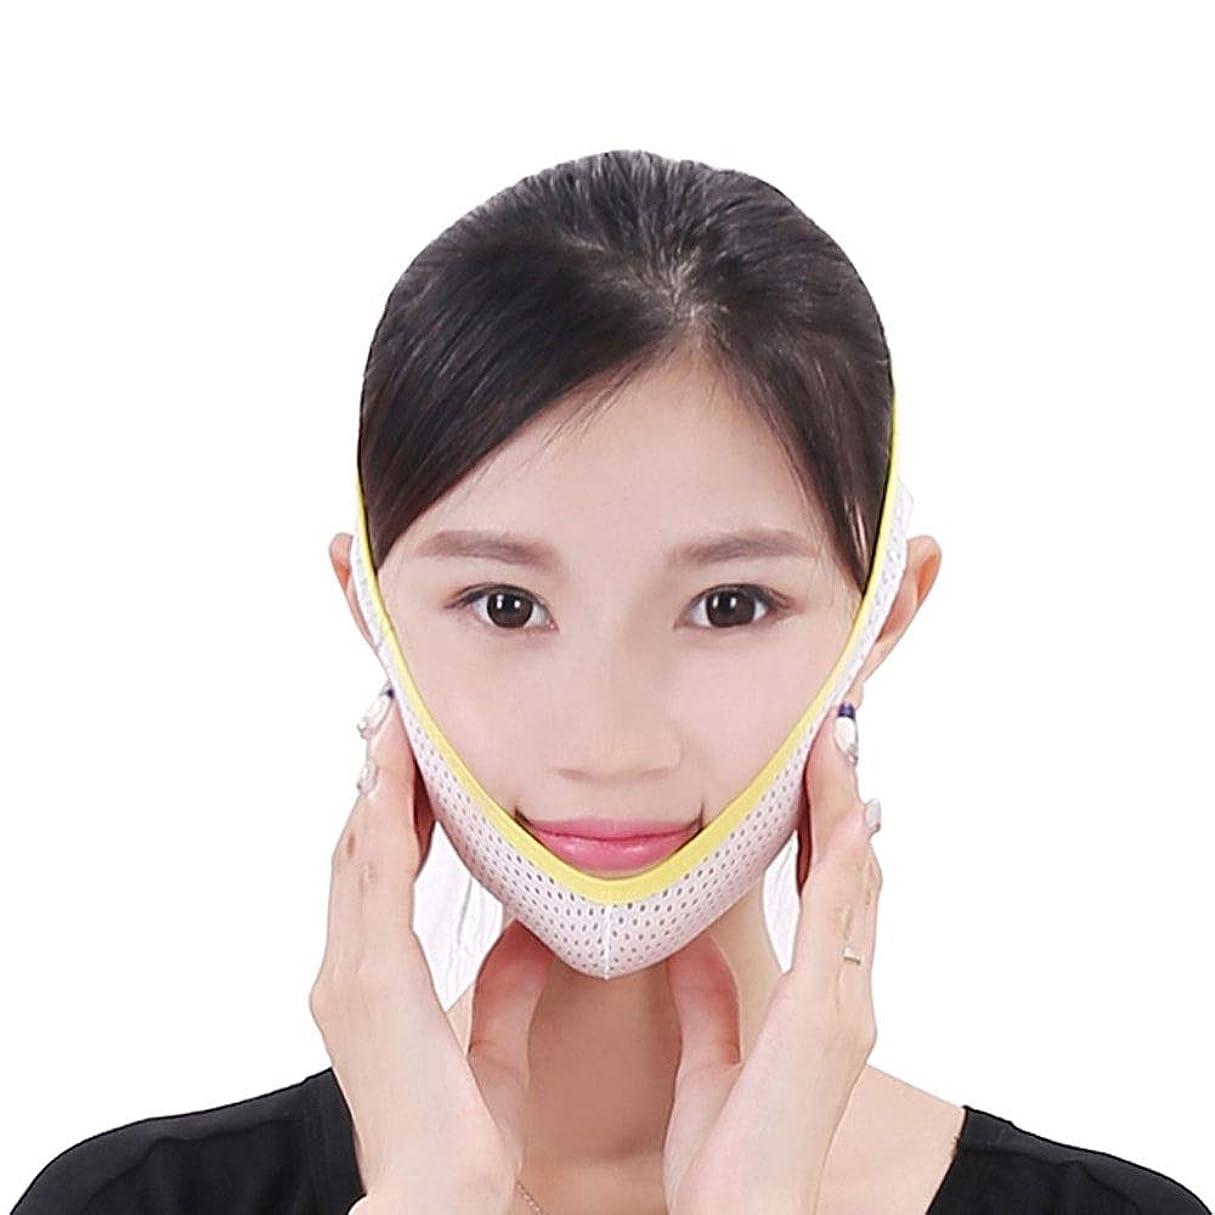 血統適応する知覚的Jia Jia- フェイスリフティングマスクVフェイスリフティングシェーピング修正フェイスリフティング包帯ダブルチンフェイスリフトアーティファクト睡眠夏 顔面包帯